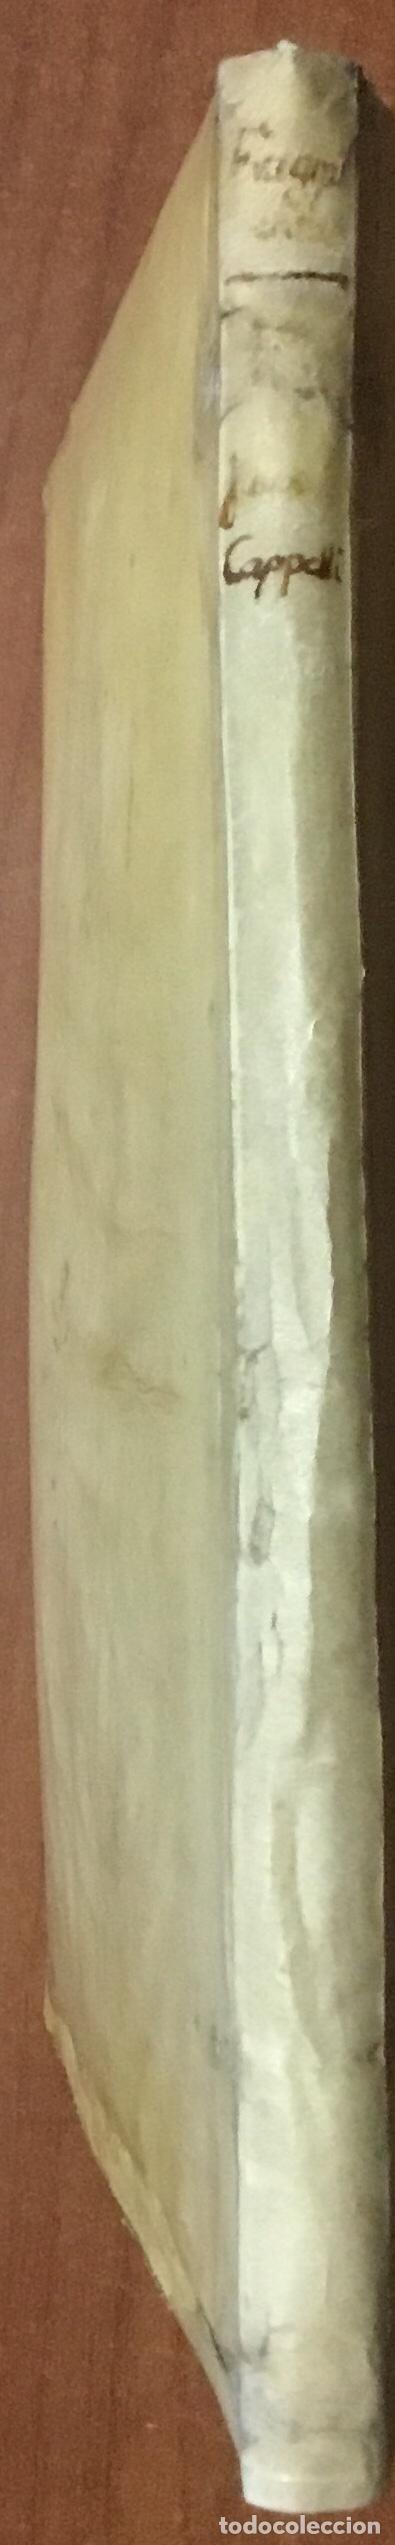 Libros antiguos: JACOBI CAPPELLI PARRHIE[N]SIS. Fragmenta ex variis authorib[us] pressim concinata, humanaru[m] liter - Foto 4 - 109020959